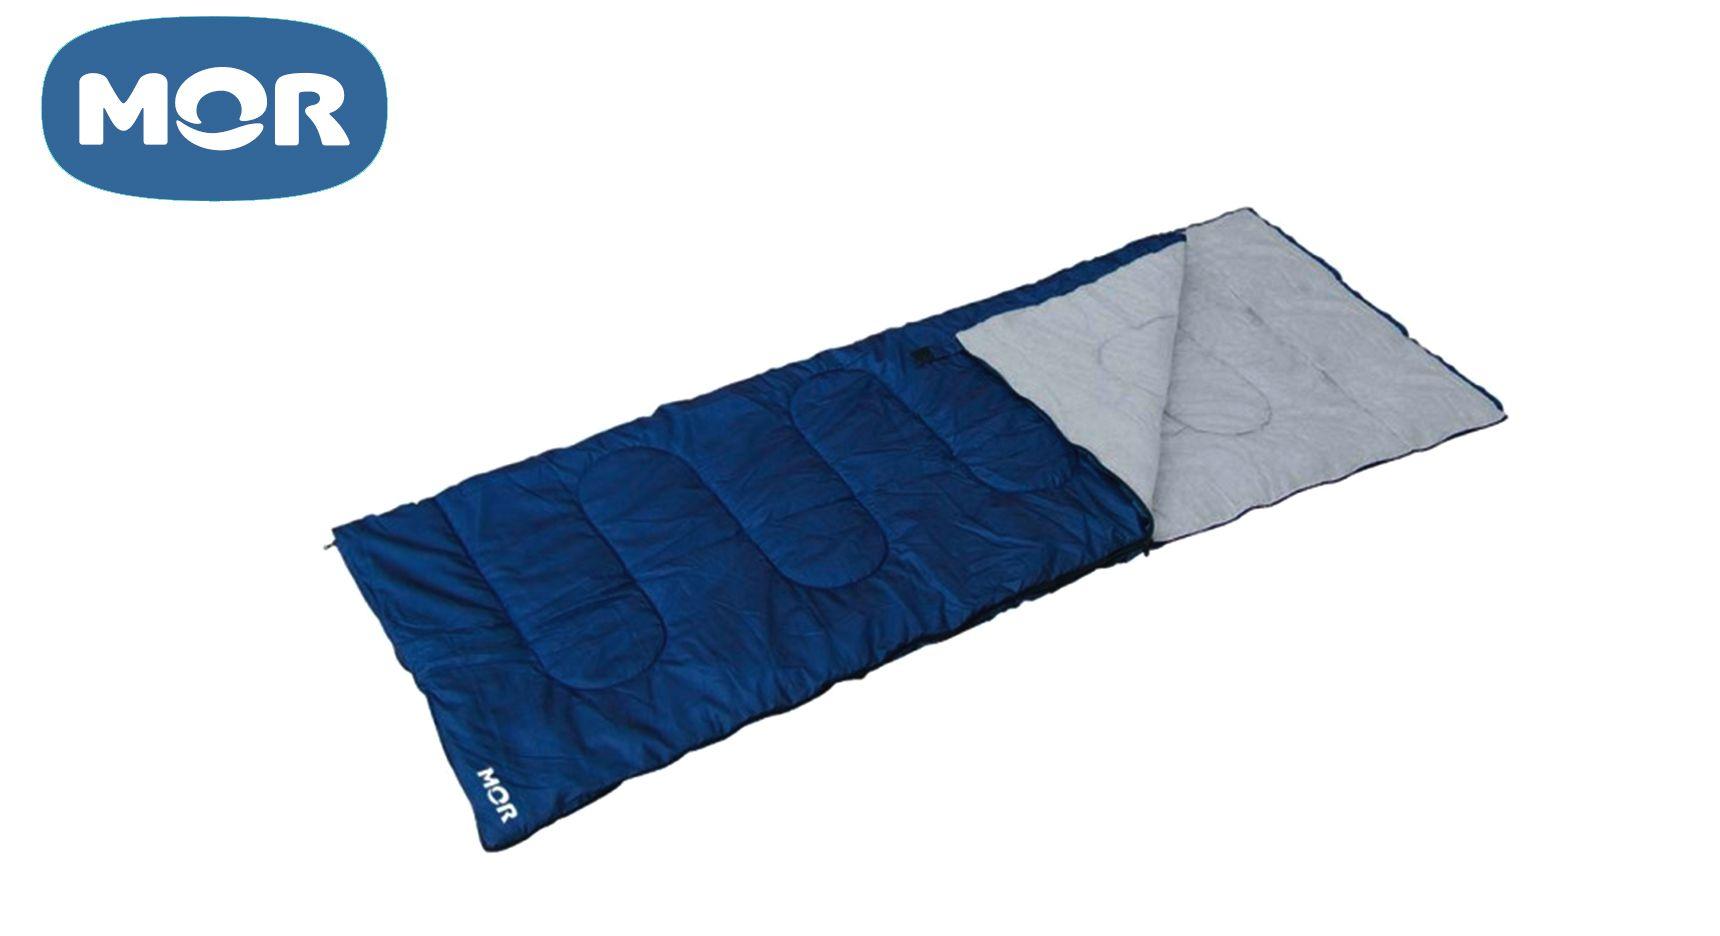 Saco de Dormir 200 com Extensor para Travesseiro - Mor